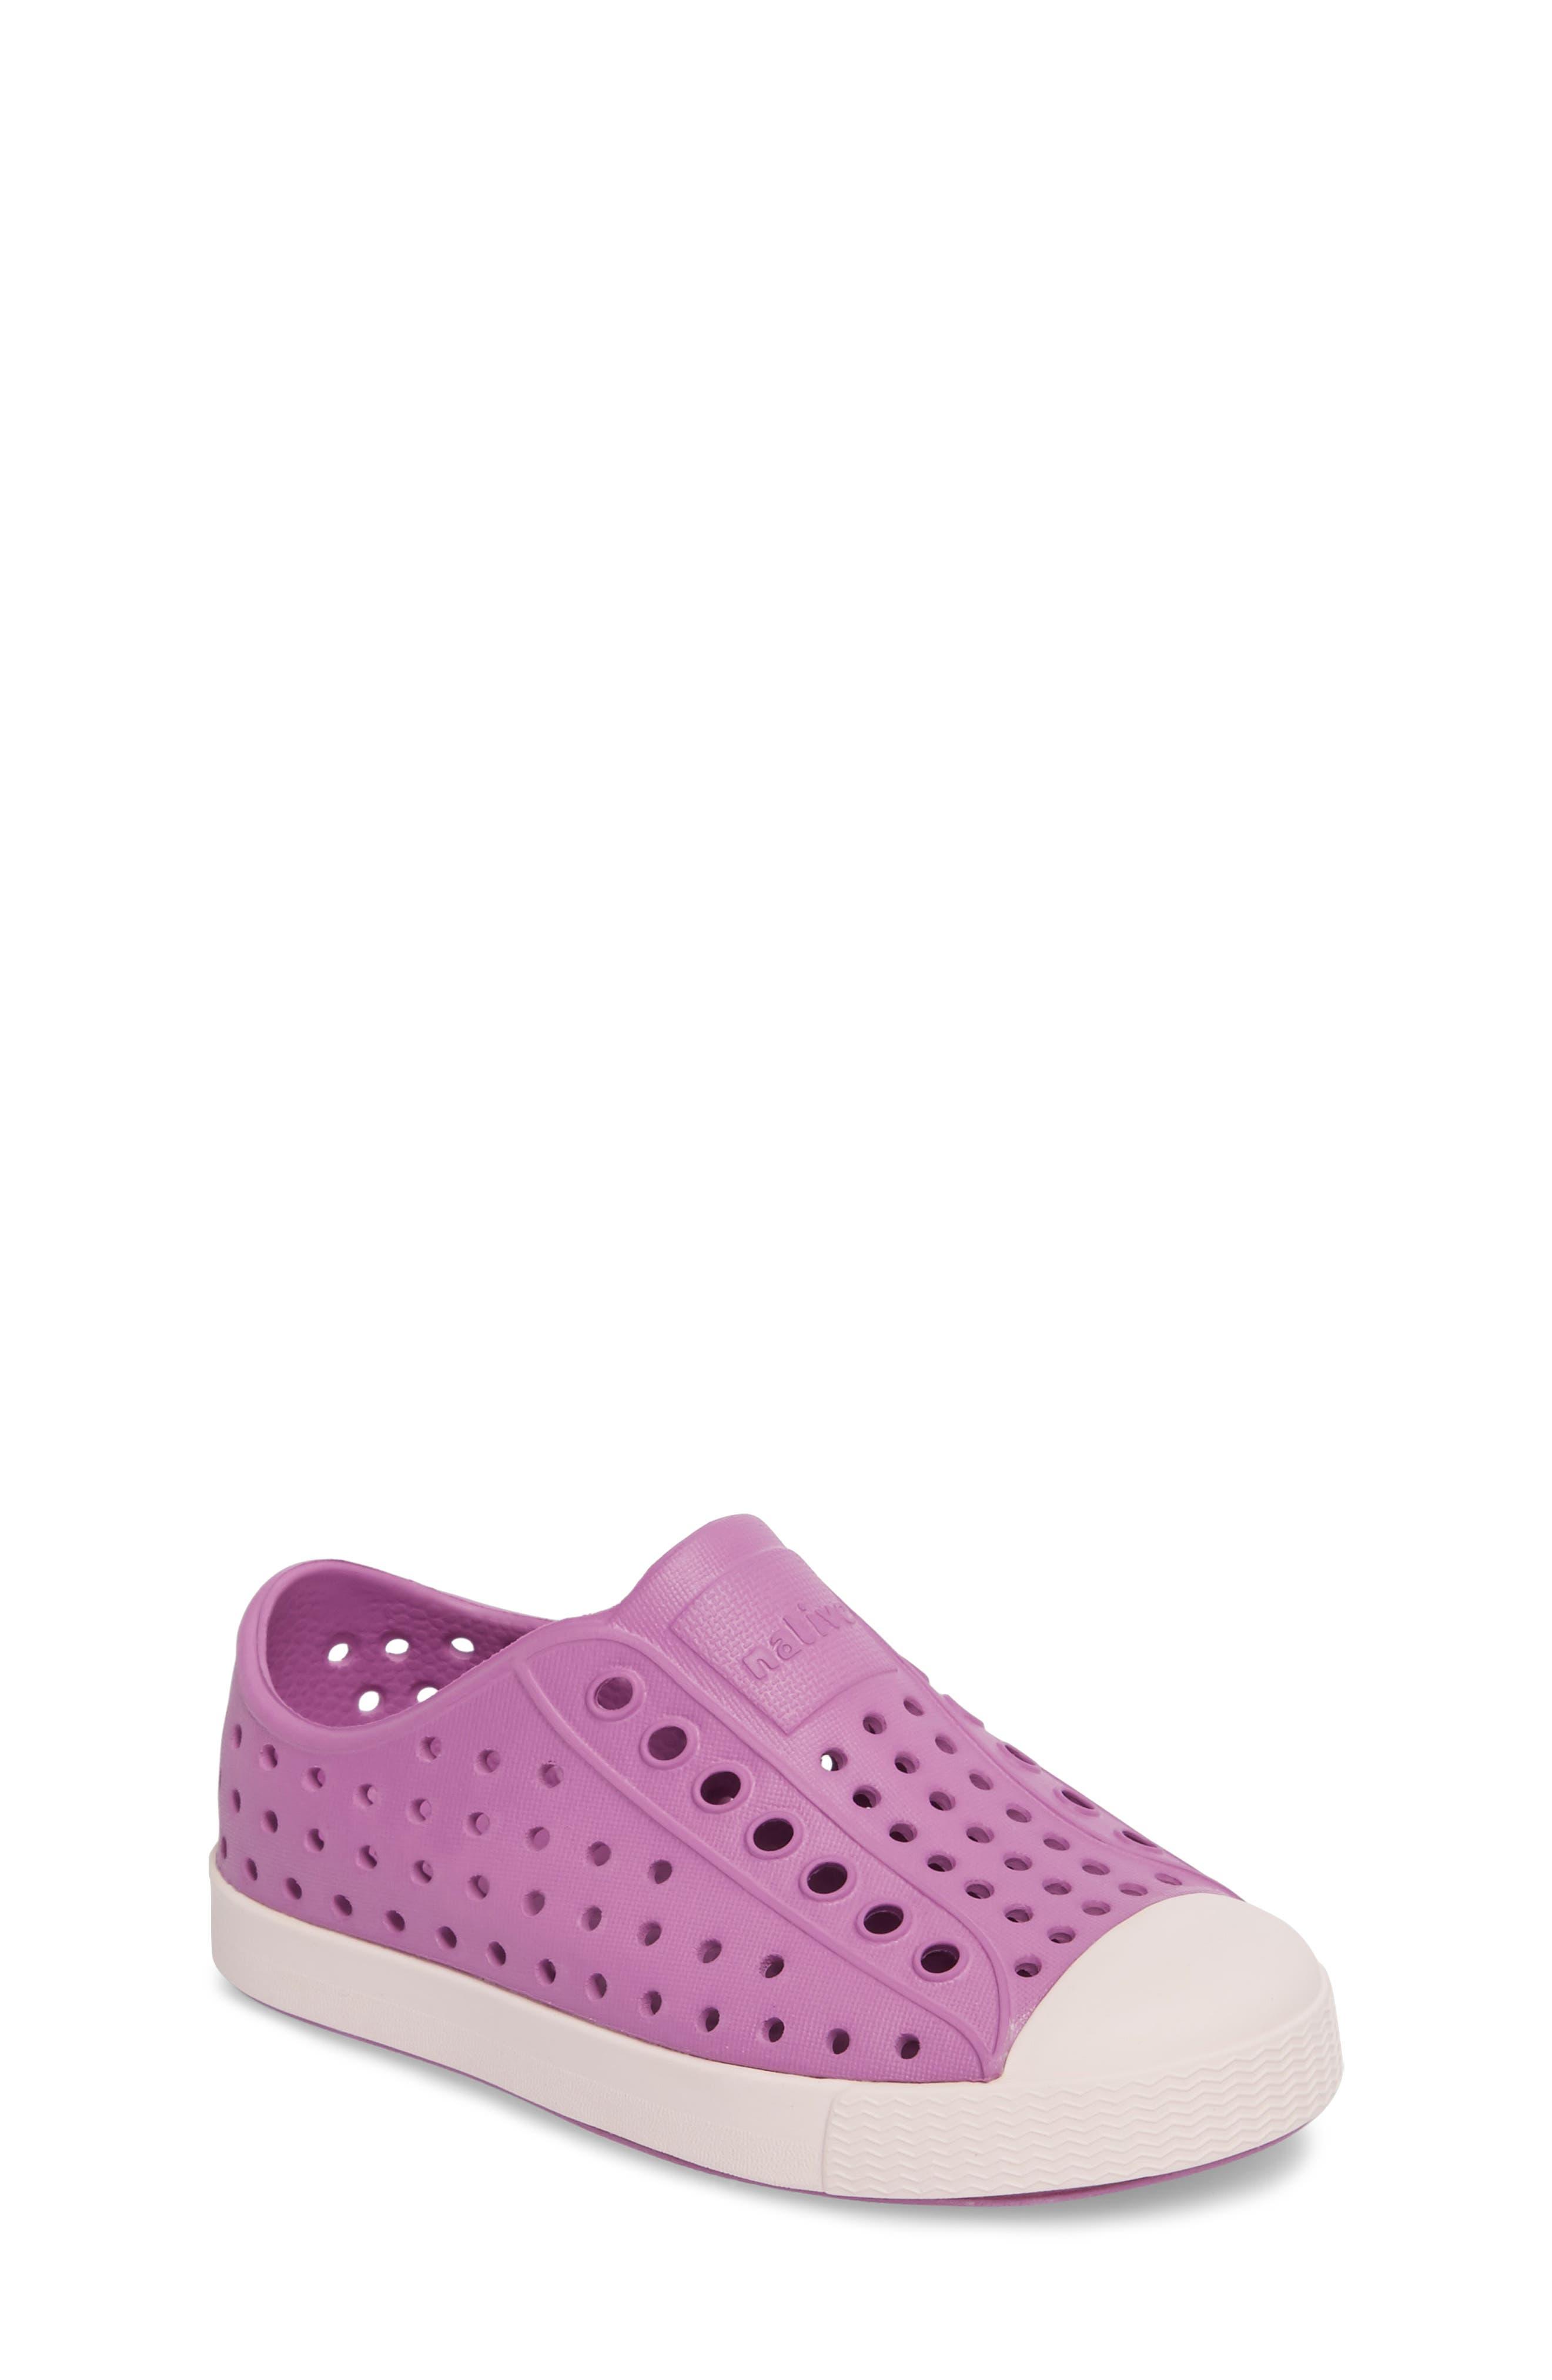 Native Shoes 'Jefferson' Water Friendly Slip-On Sneaker (Baby, Walker, Toddler, Little Kid & Big Kid)